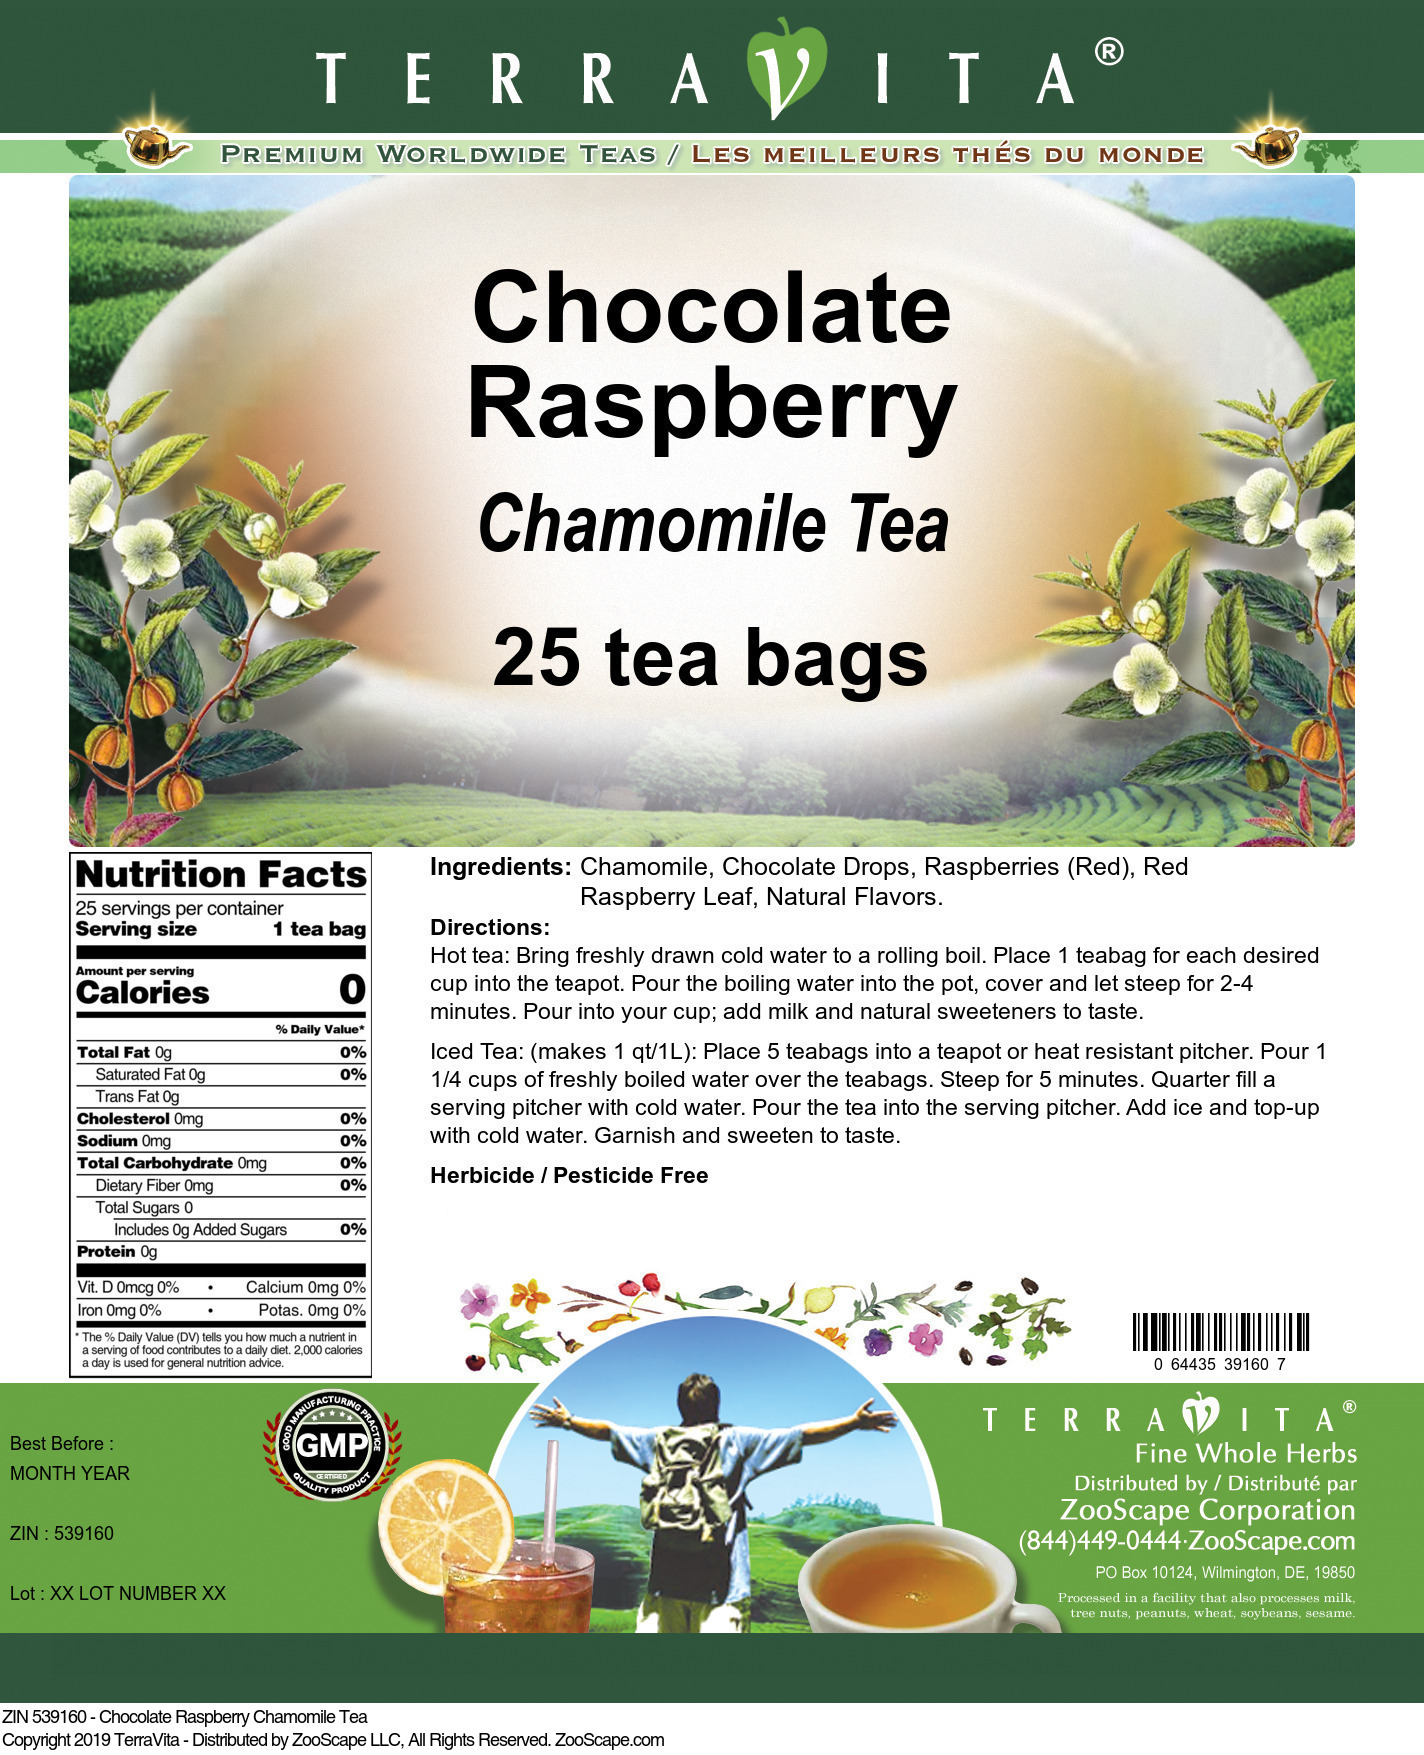 Chocolate Raspberry Chamomile Tea